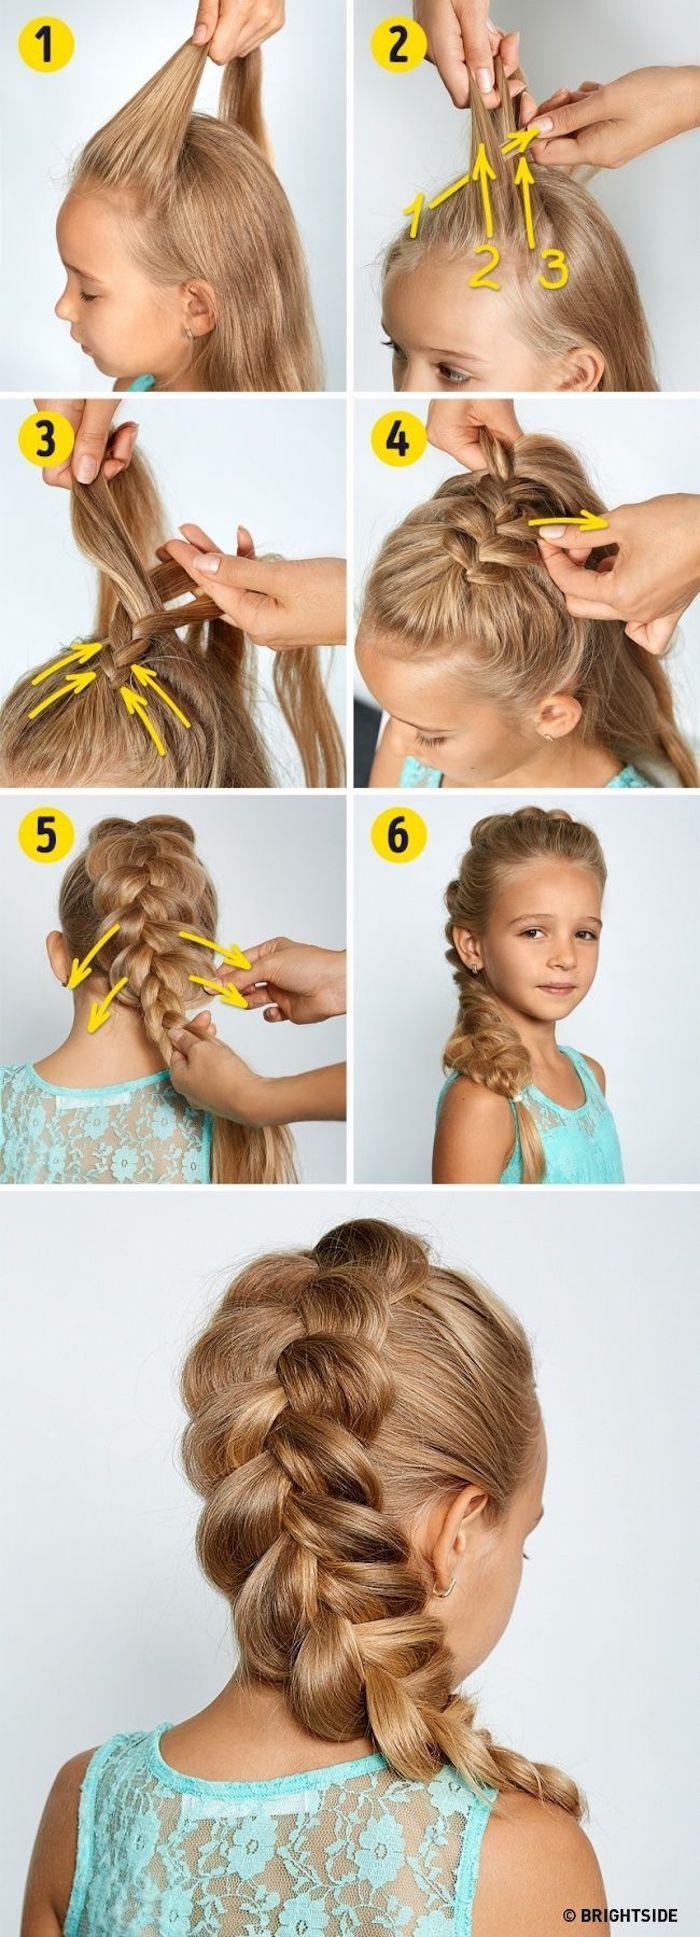 Tuto pas à pas tresse indienne, coiffure facile cheveux long, idée de coiffure simple et rapide